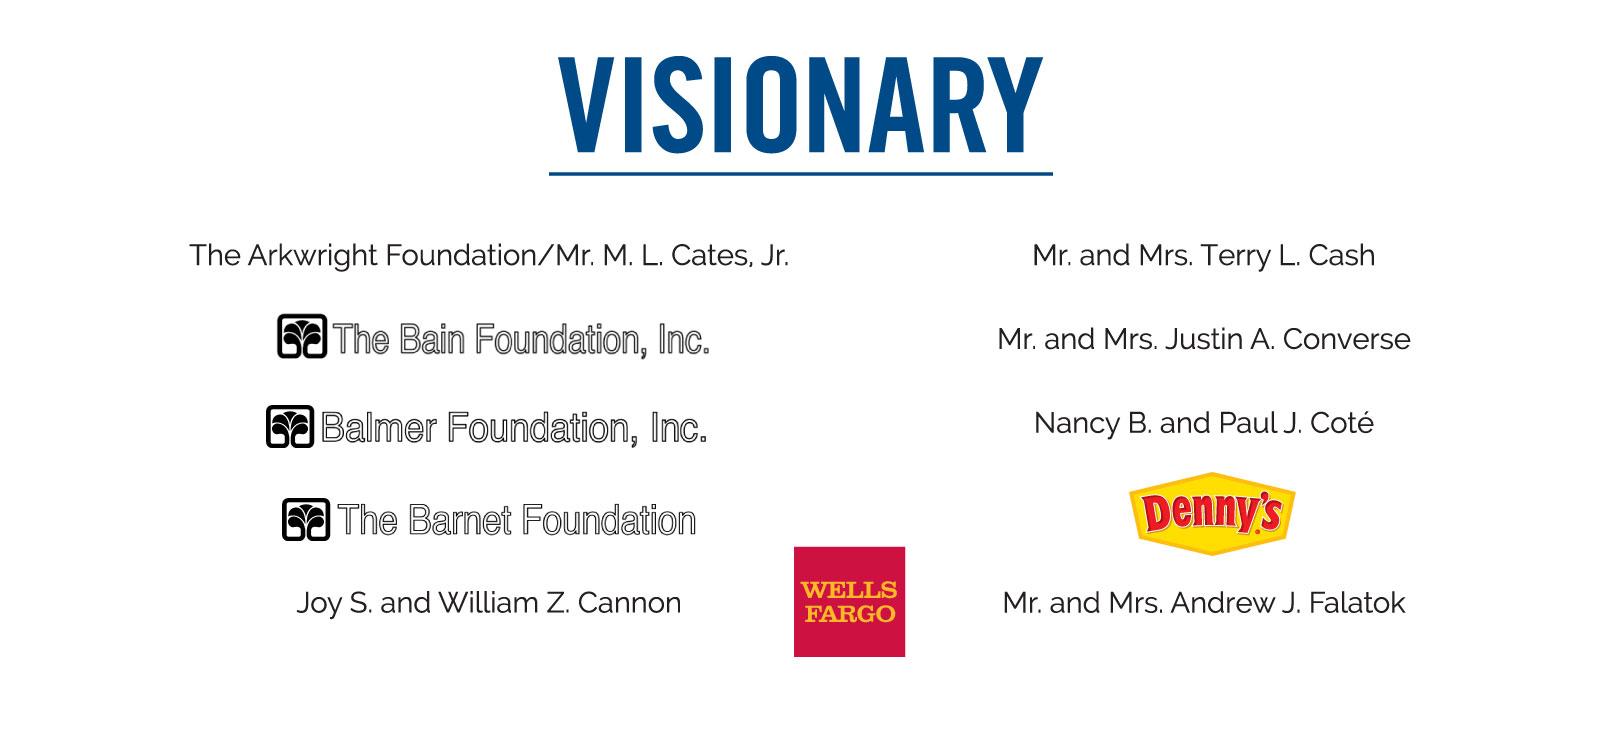 Visionary Sponsorship